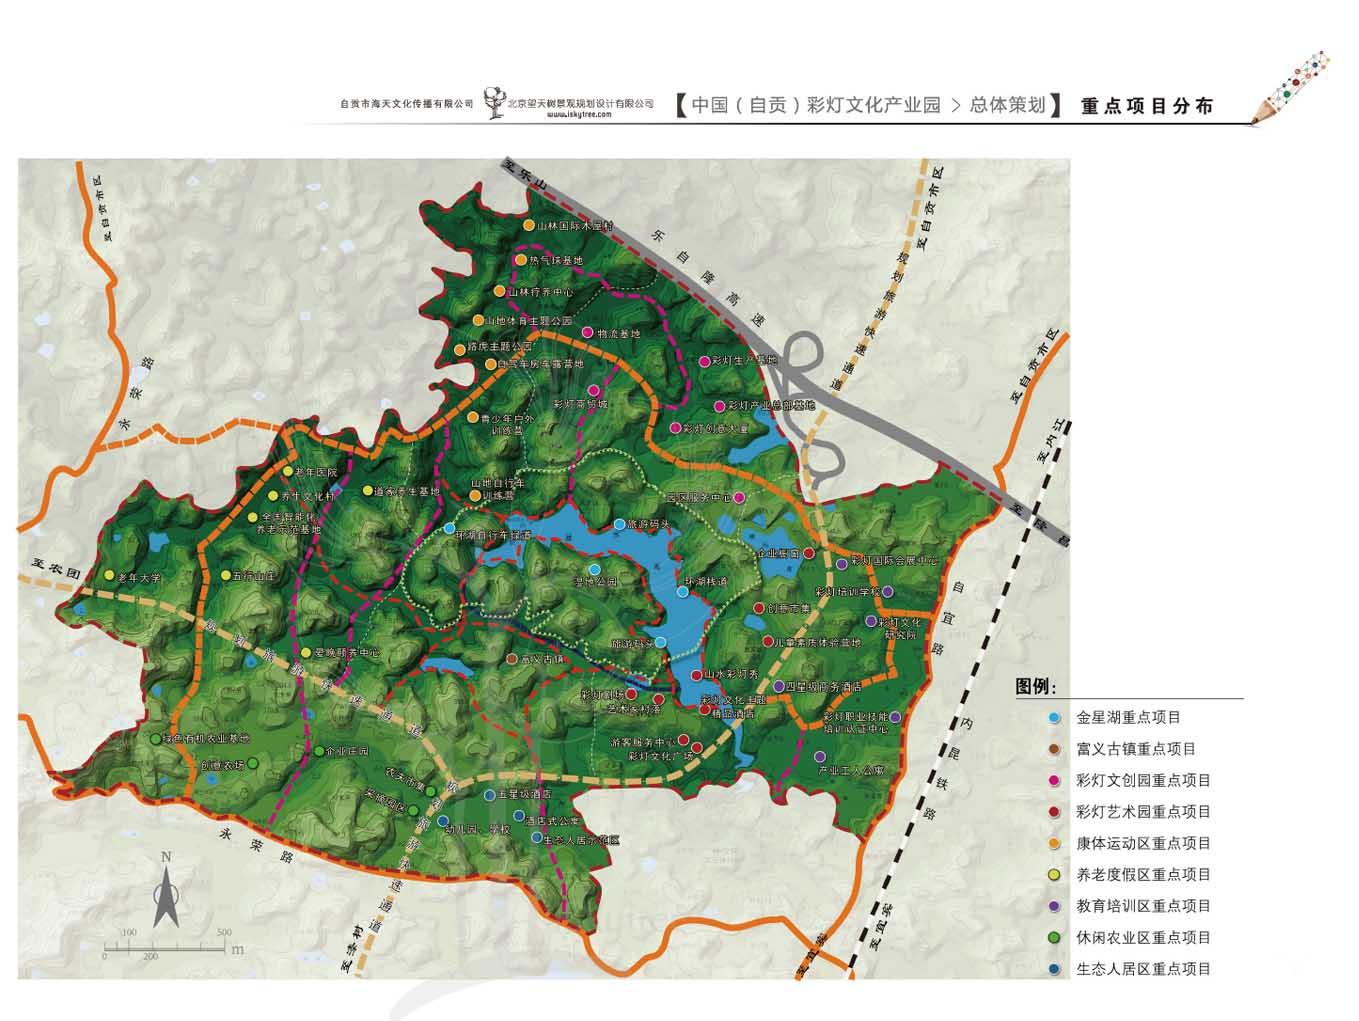 自贡彩灯文化产业园重点项目分布